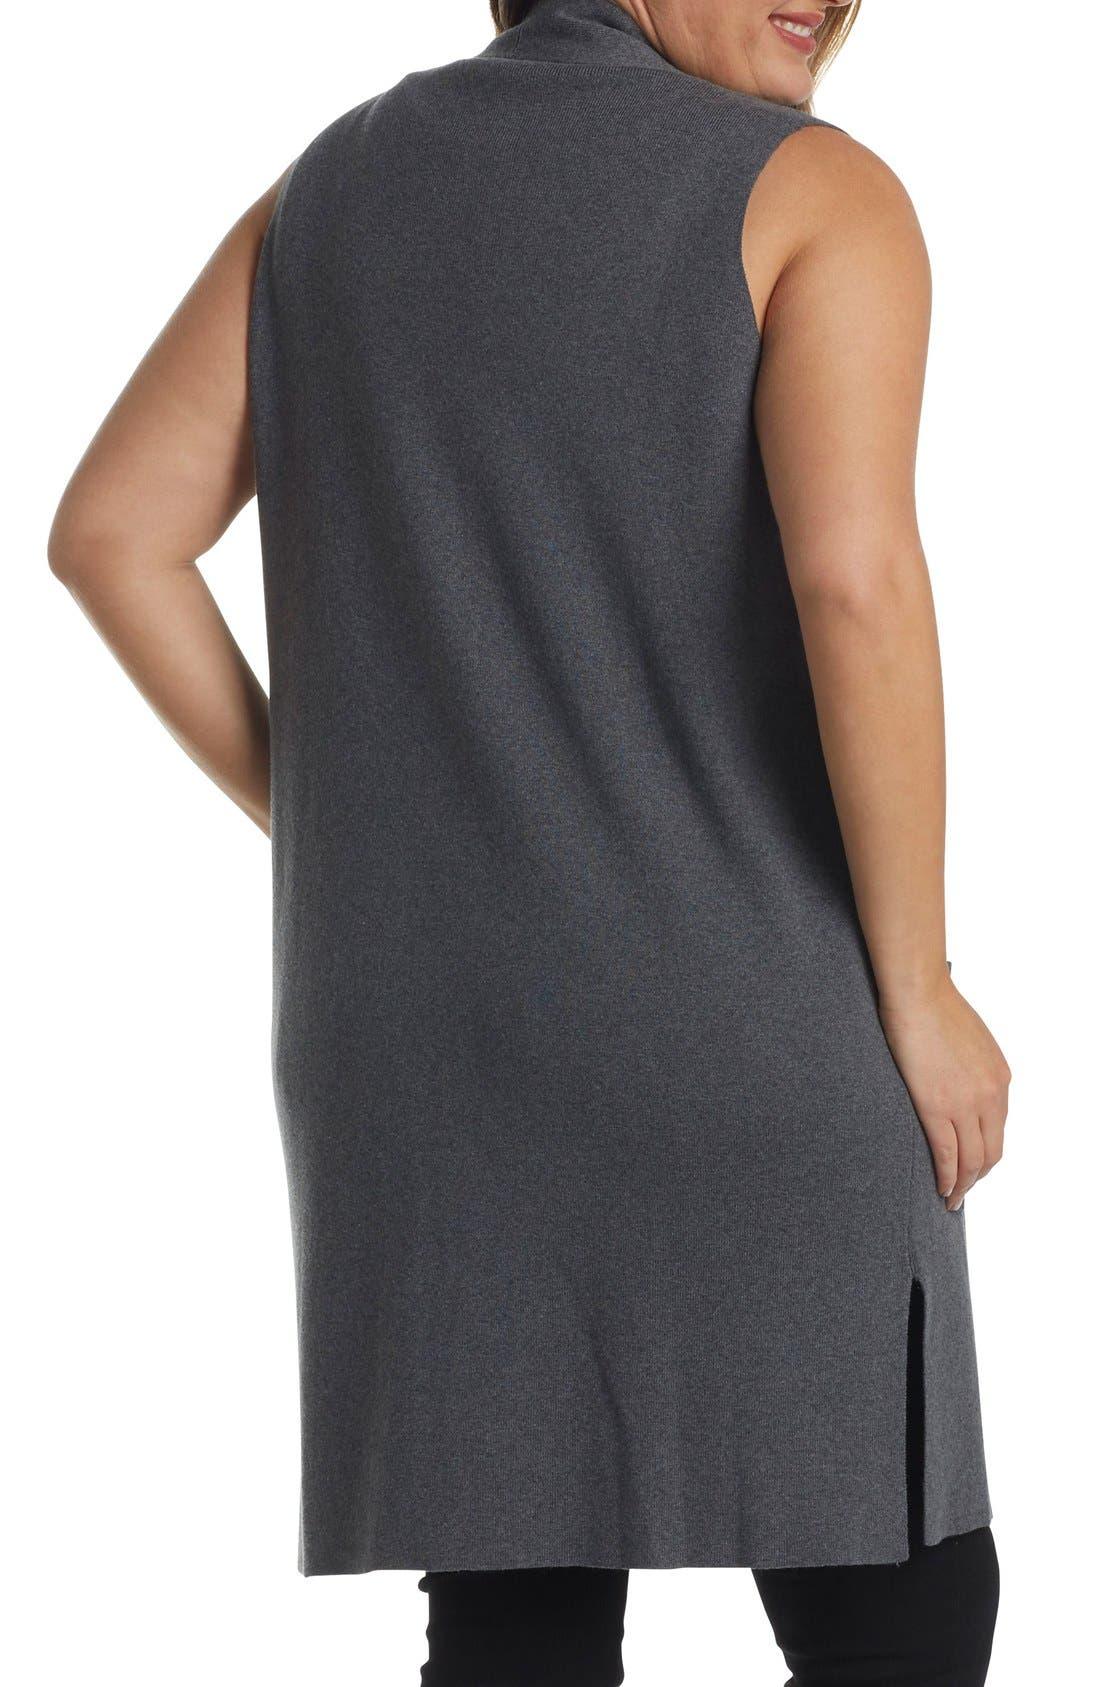 Melva Cotton & Cashmere Open Front Sweater Vest,                             Alternate thumbnail 4, color,                             023